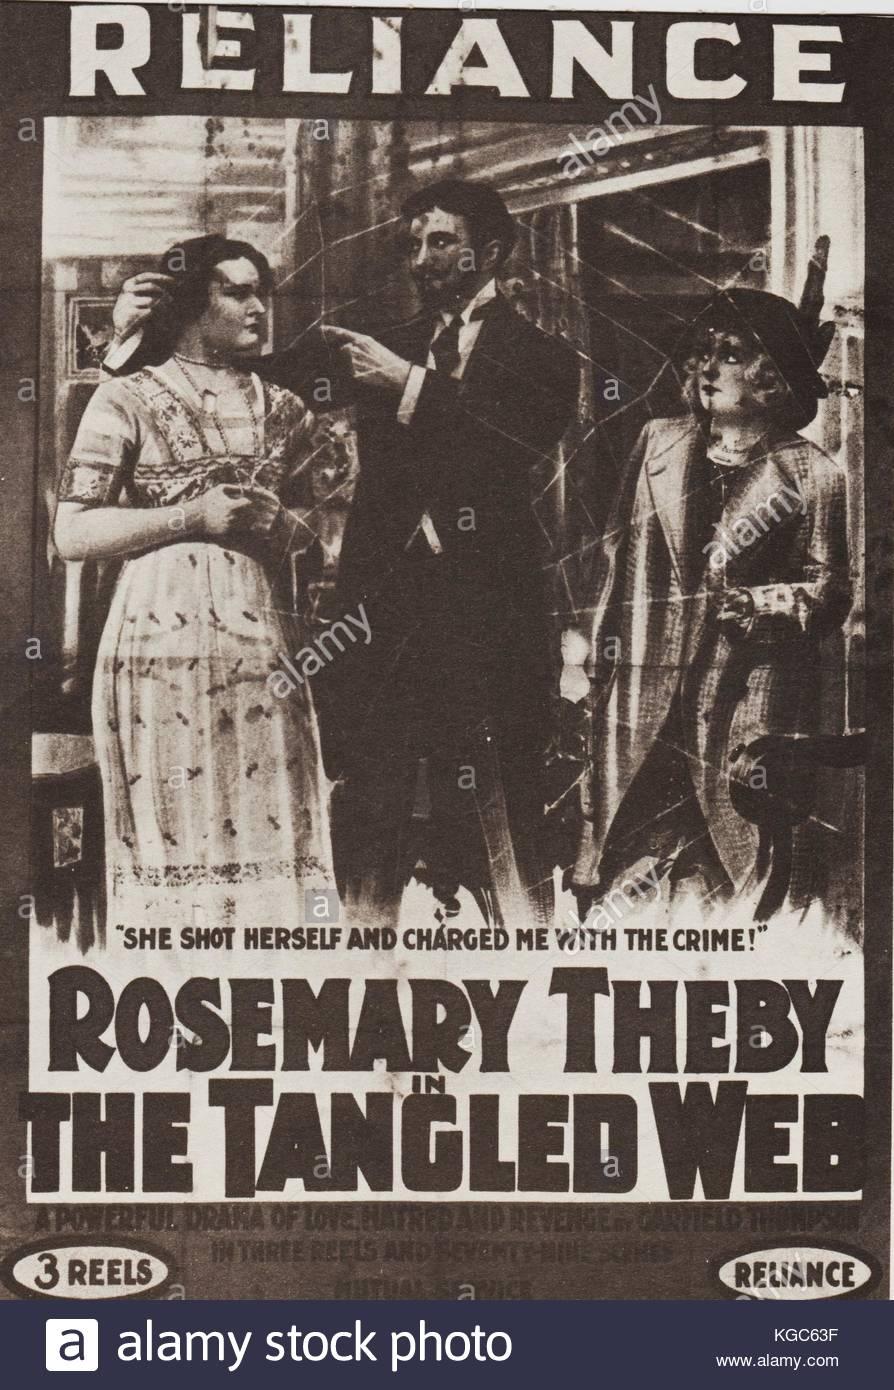 Rosemary Theby